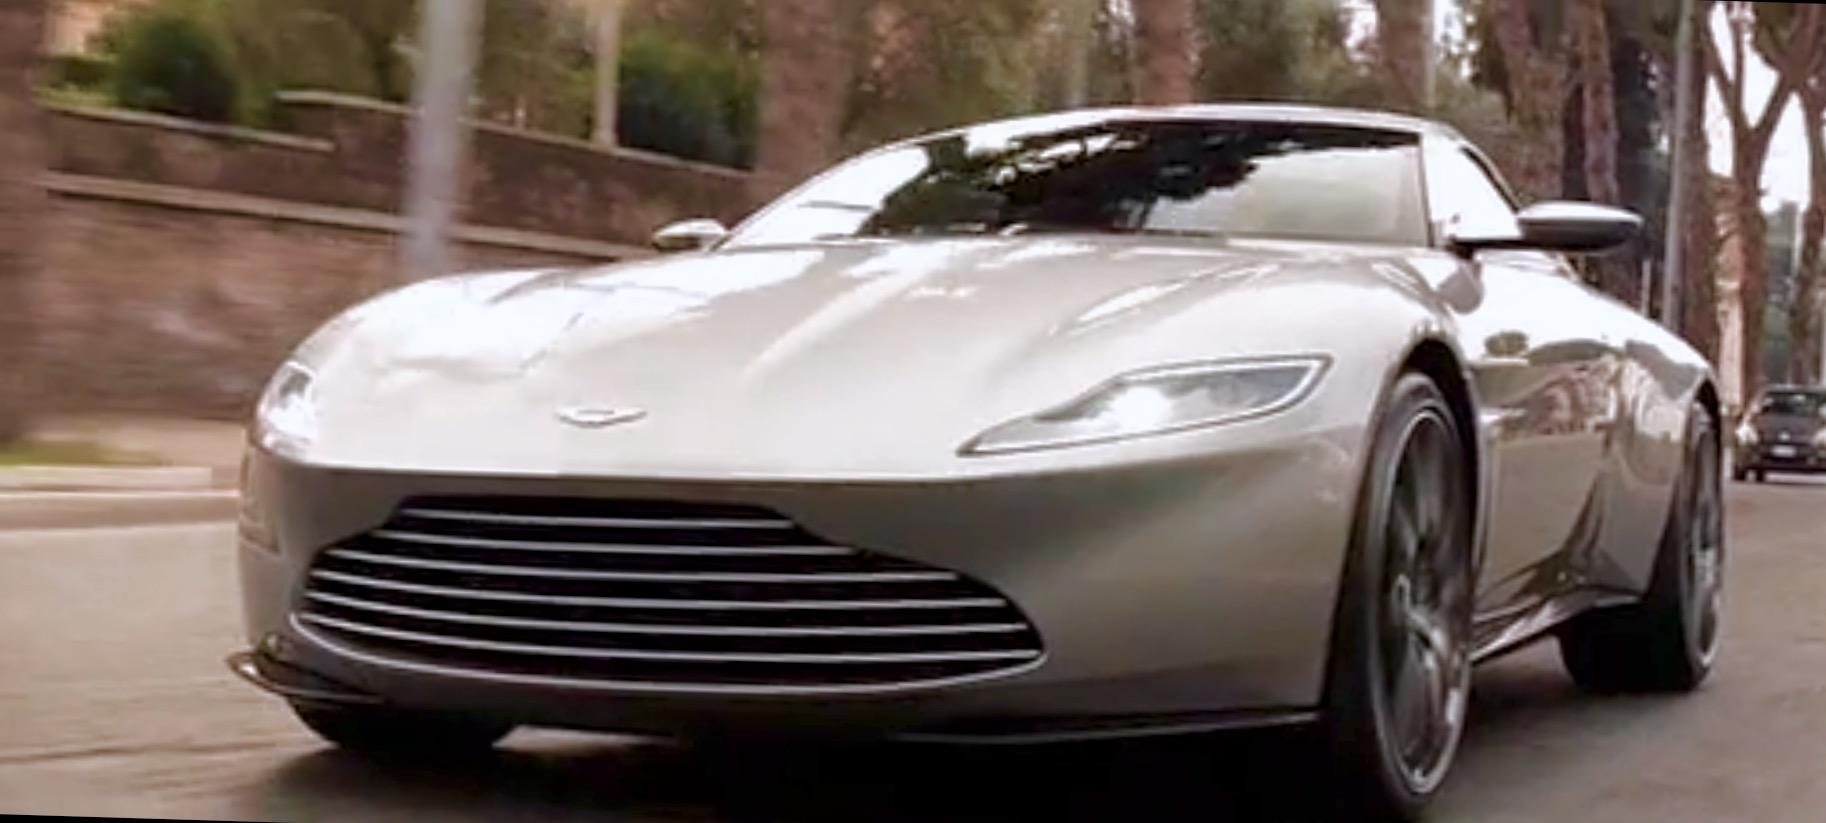 Spectre Aston Martin Db Idea Di Immagine Auto - Aston martin wiki